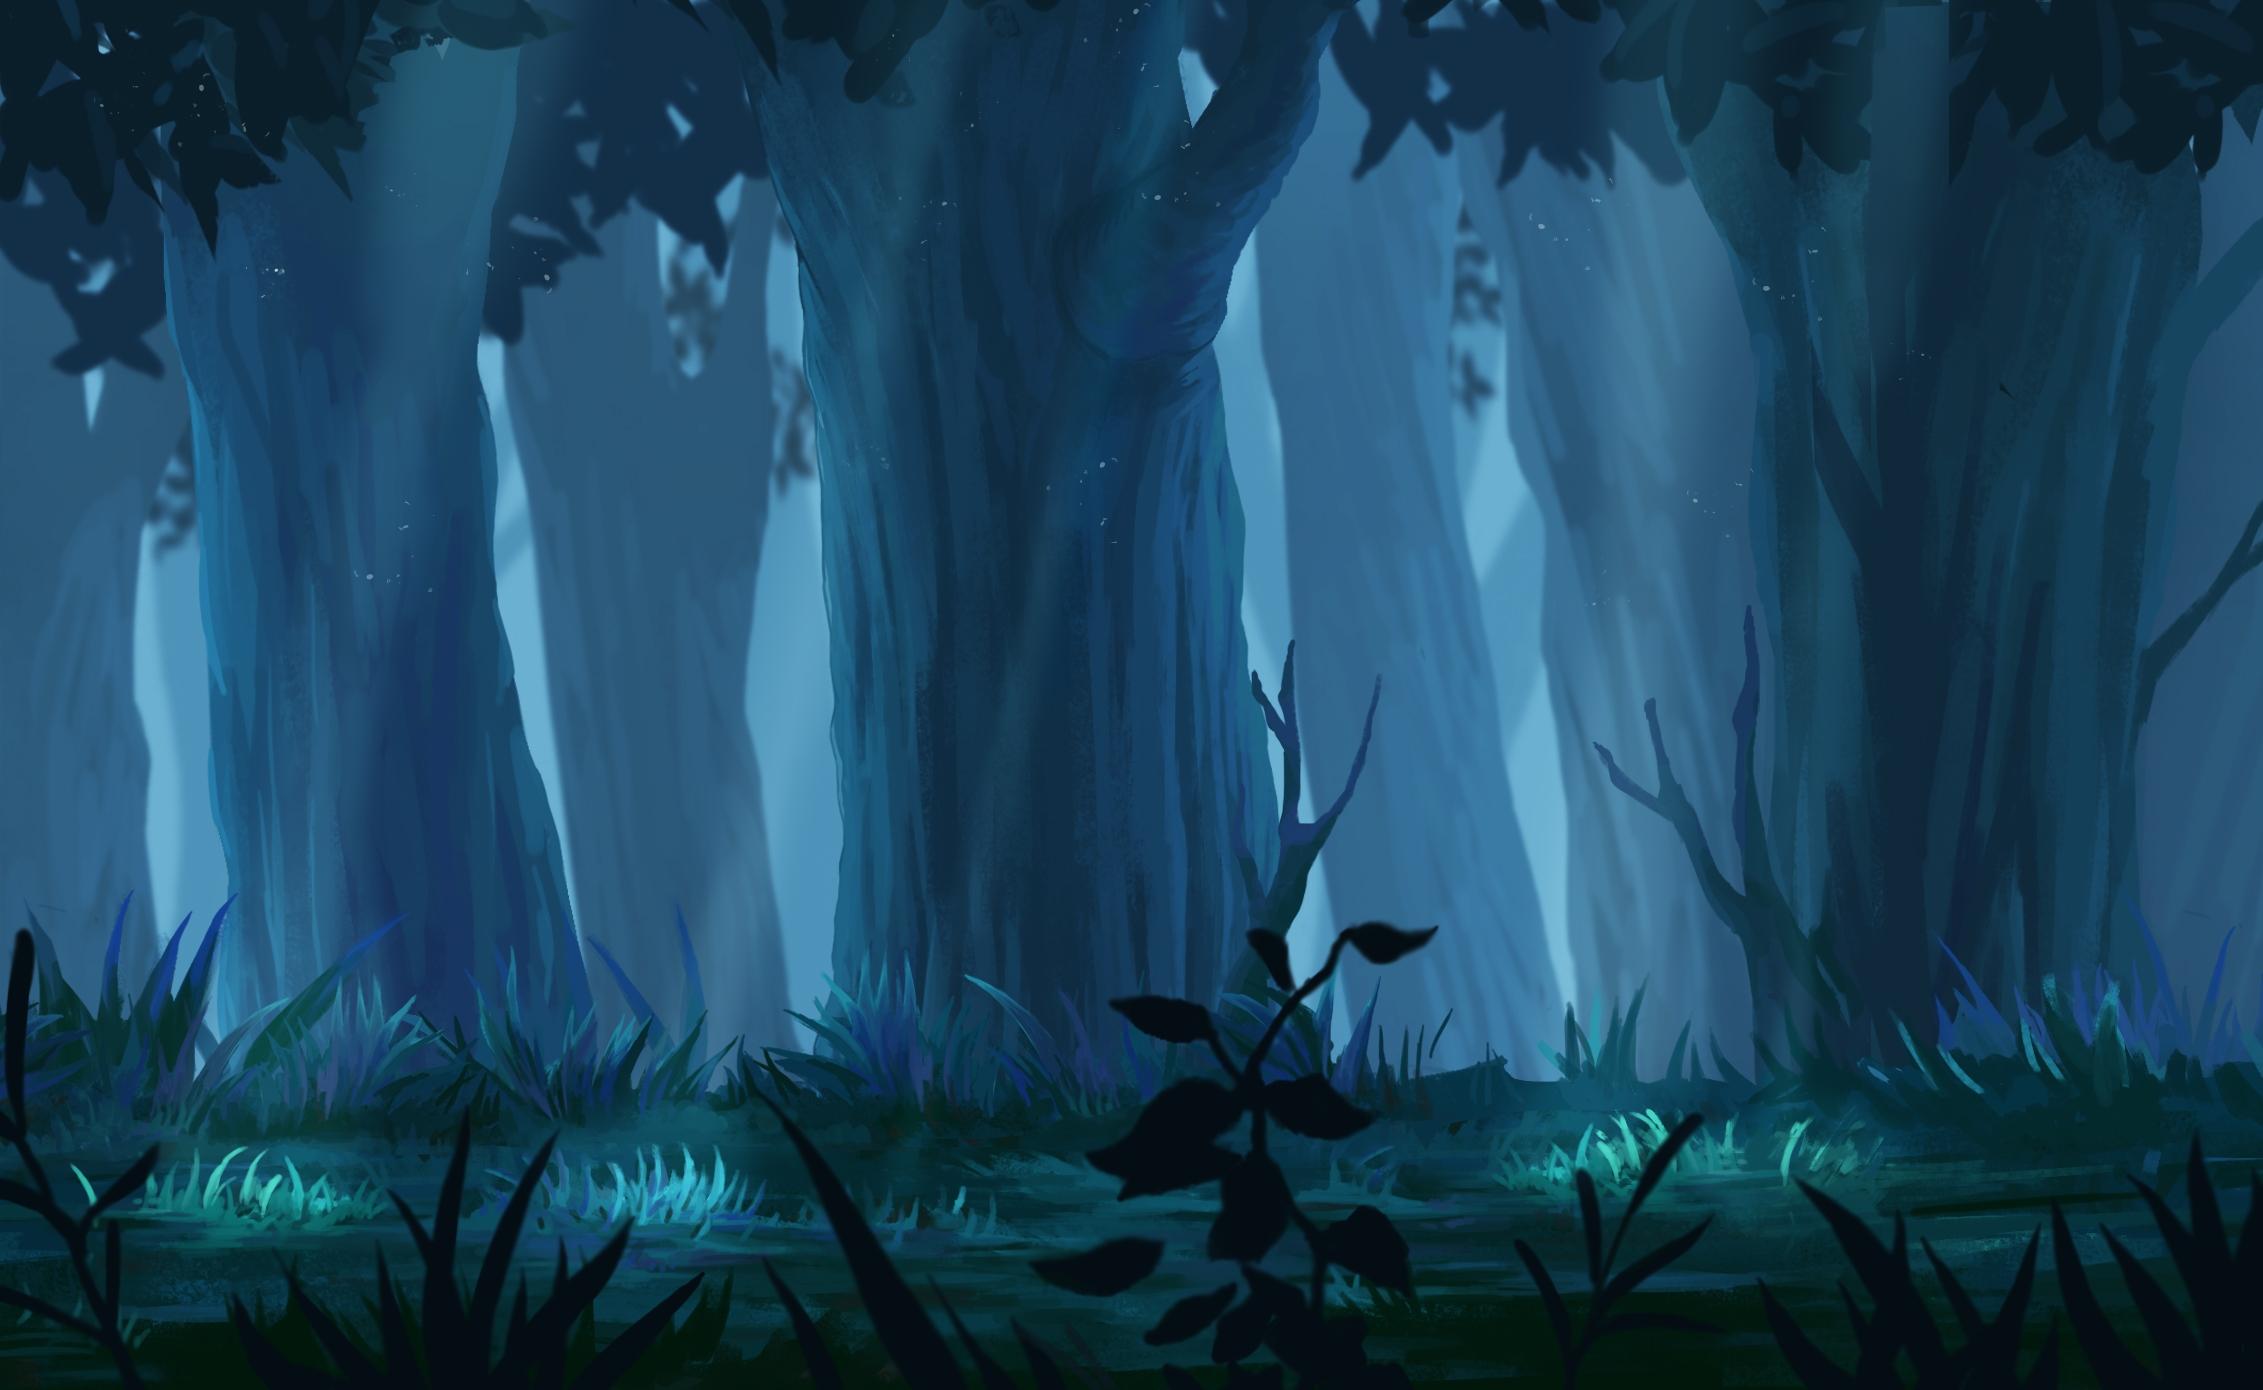 Kisanagi WS Atsushi Anime-forest-landscape-trees-sunbeam-plants-anime-16571